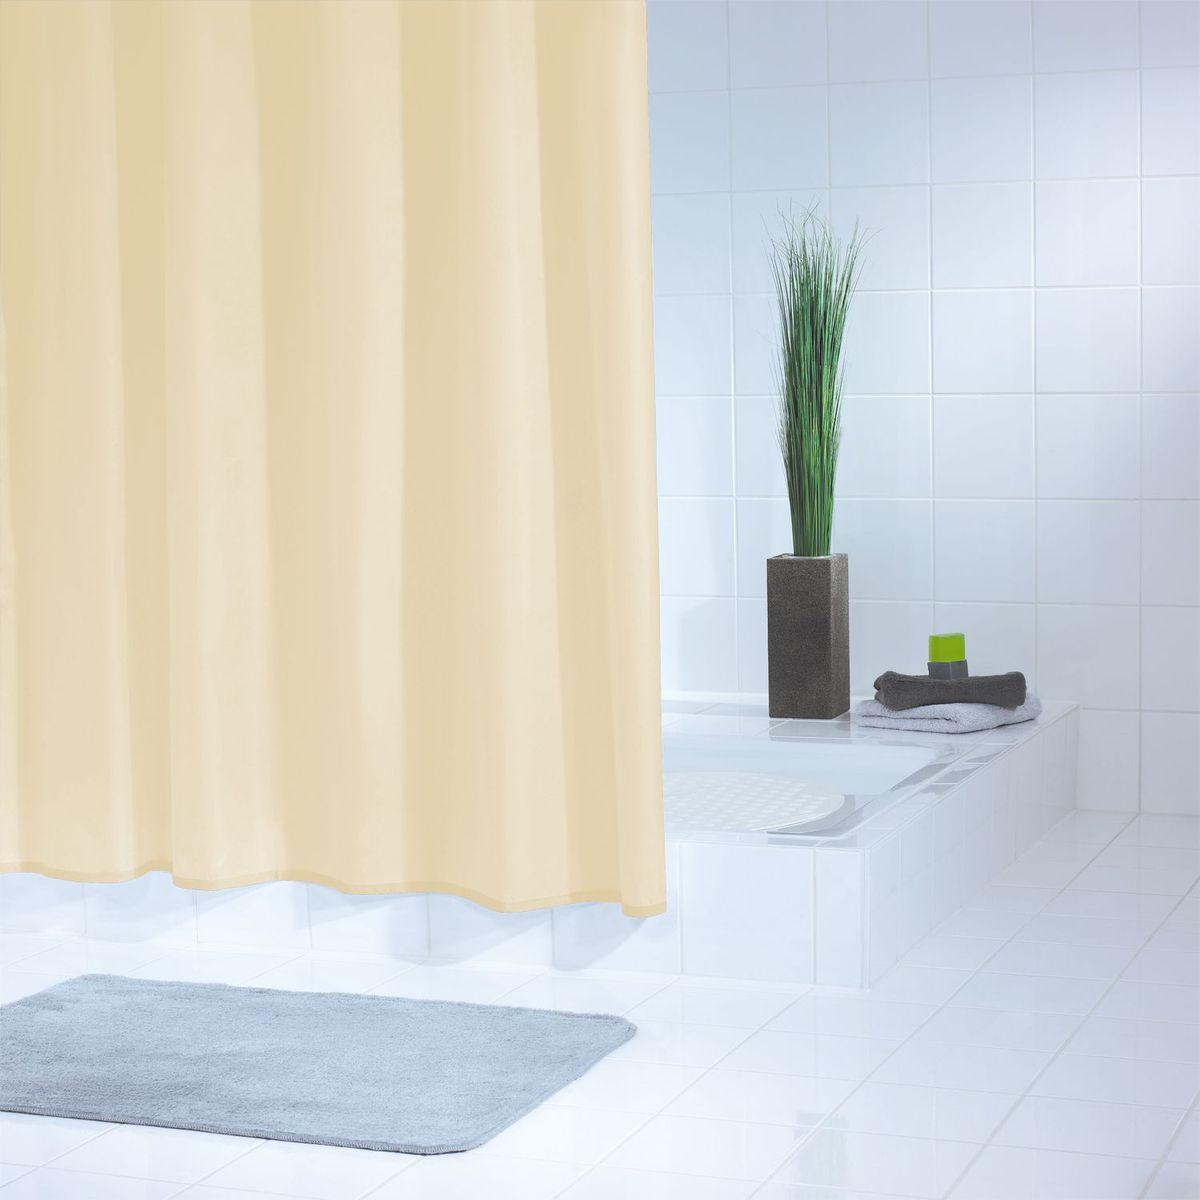 """Высококачественная шторка Ridder """"Standard"""" создаст прекрасное настроение в ванной комнате. Данное изделие имеет антигрибковое, водоотталкивающее и антистатическое покрытие и утяжеленный нижний кант. Ручная стирка. Не гладить."""